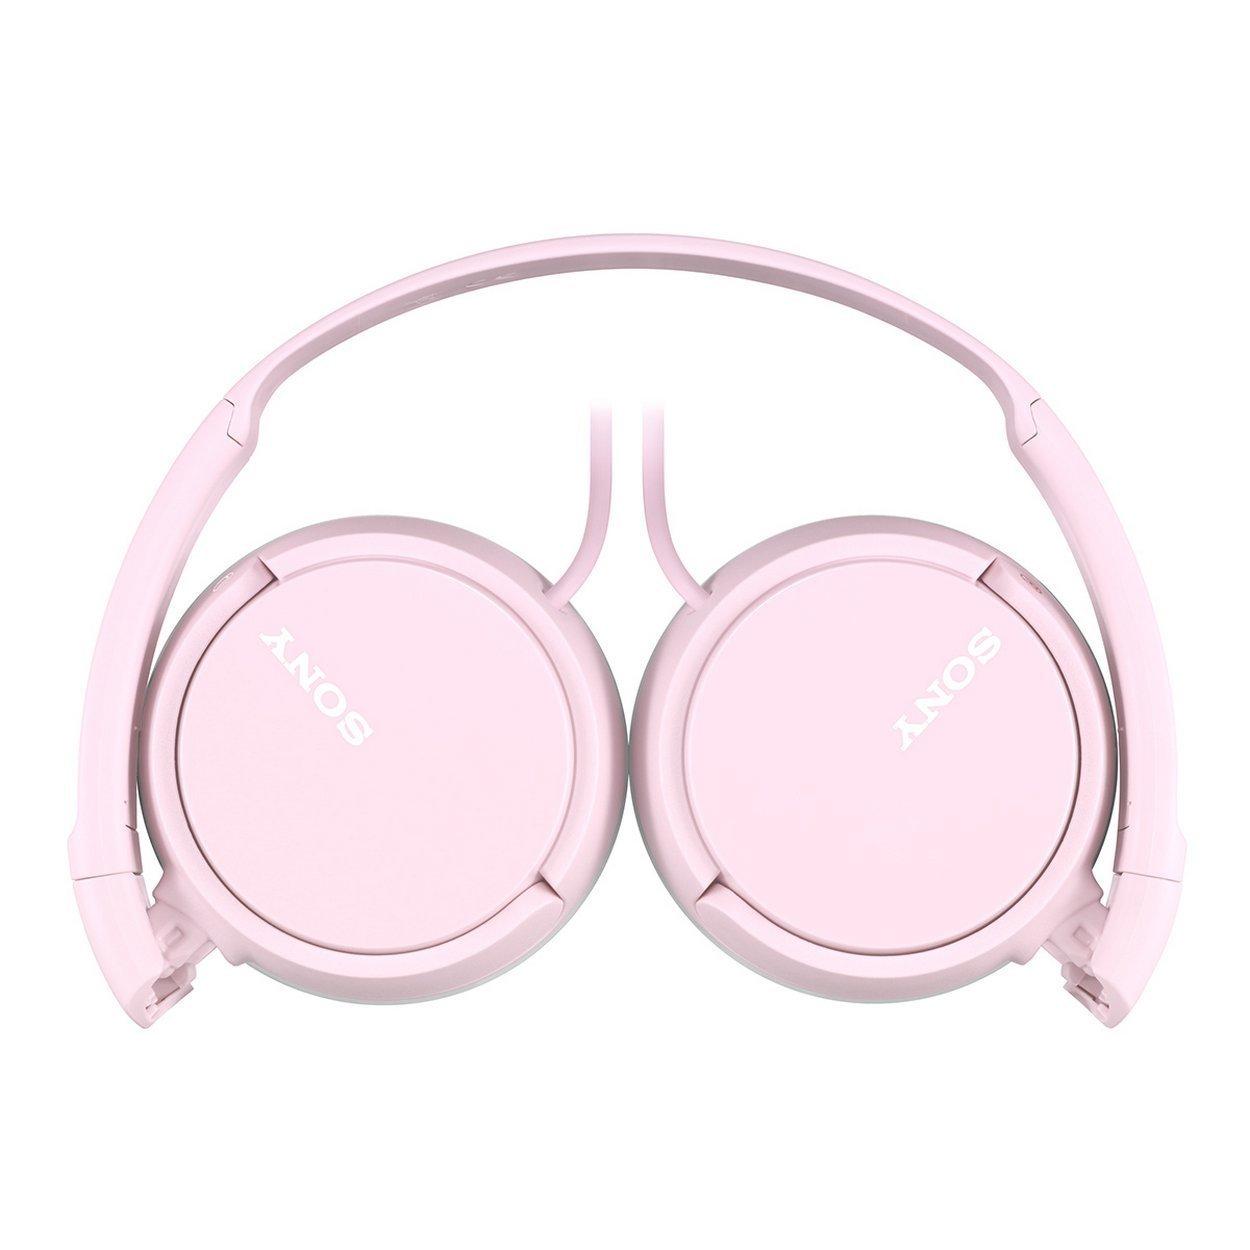 Sony: ZX110 Overhead Headphones (Pink) image